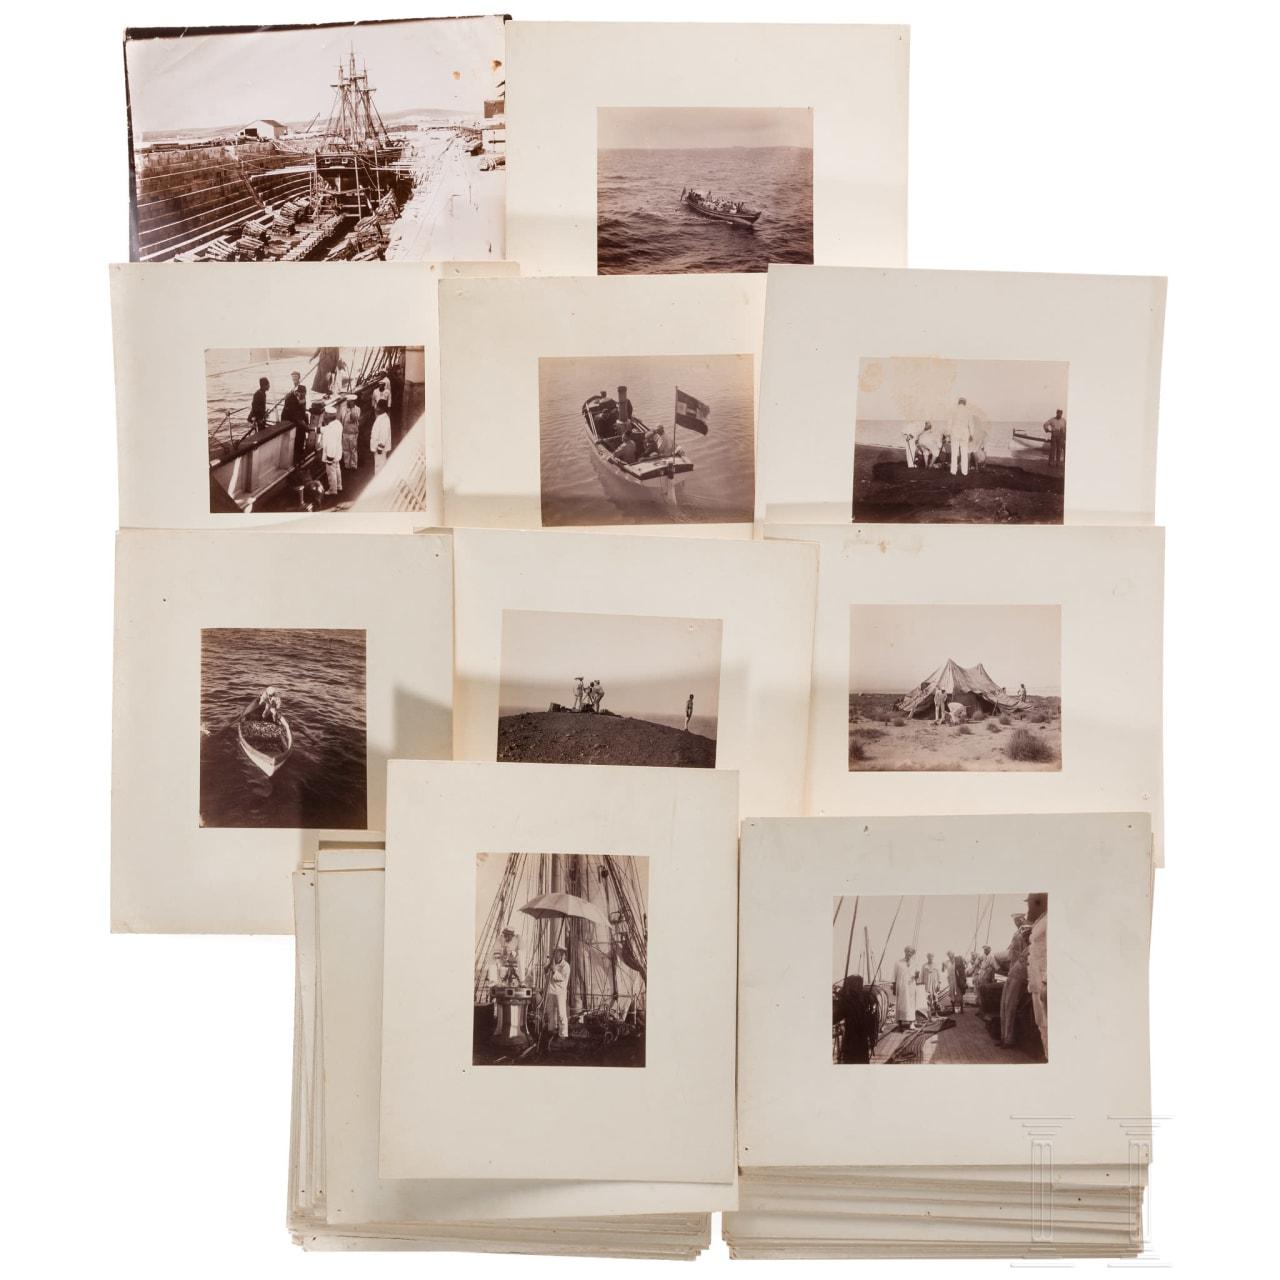 Foto-Nachlass S.M. Schiff POLA der k.u.k Marine - Österreichisch-Ungarische Tiefsee-Expeditionen 1890 - 1898